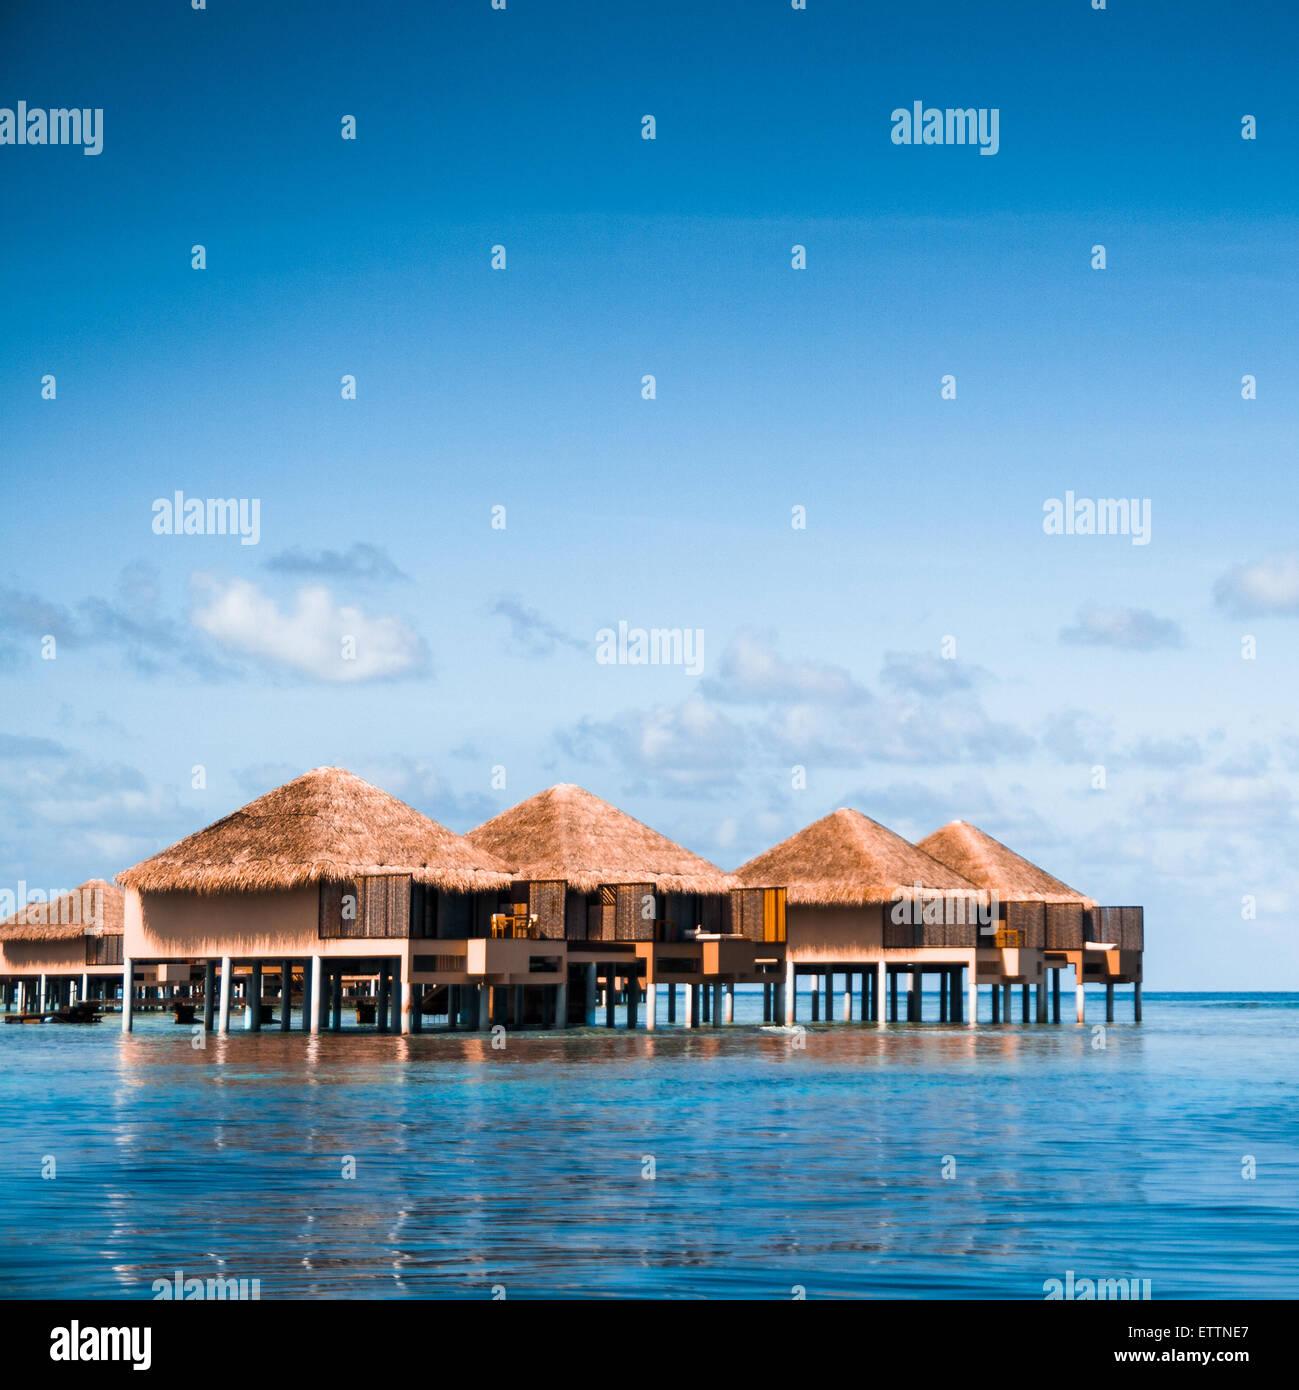 Über Wasser Bungalows mit Schritten in erstaunlich grünen Lagune Stockfoto